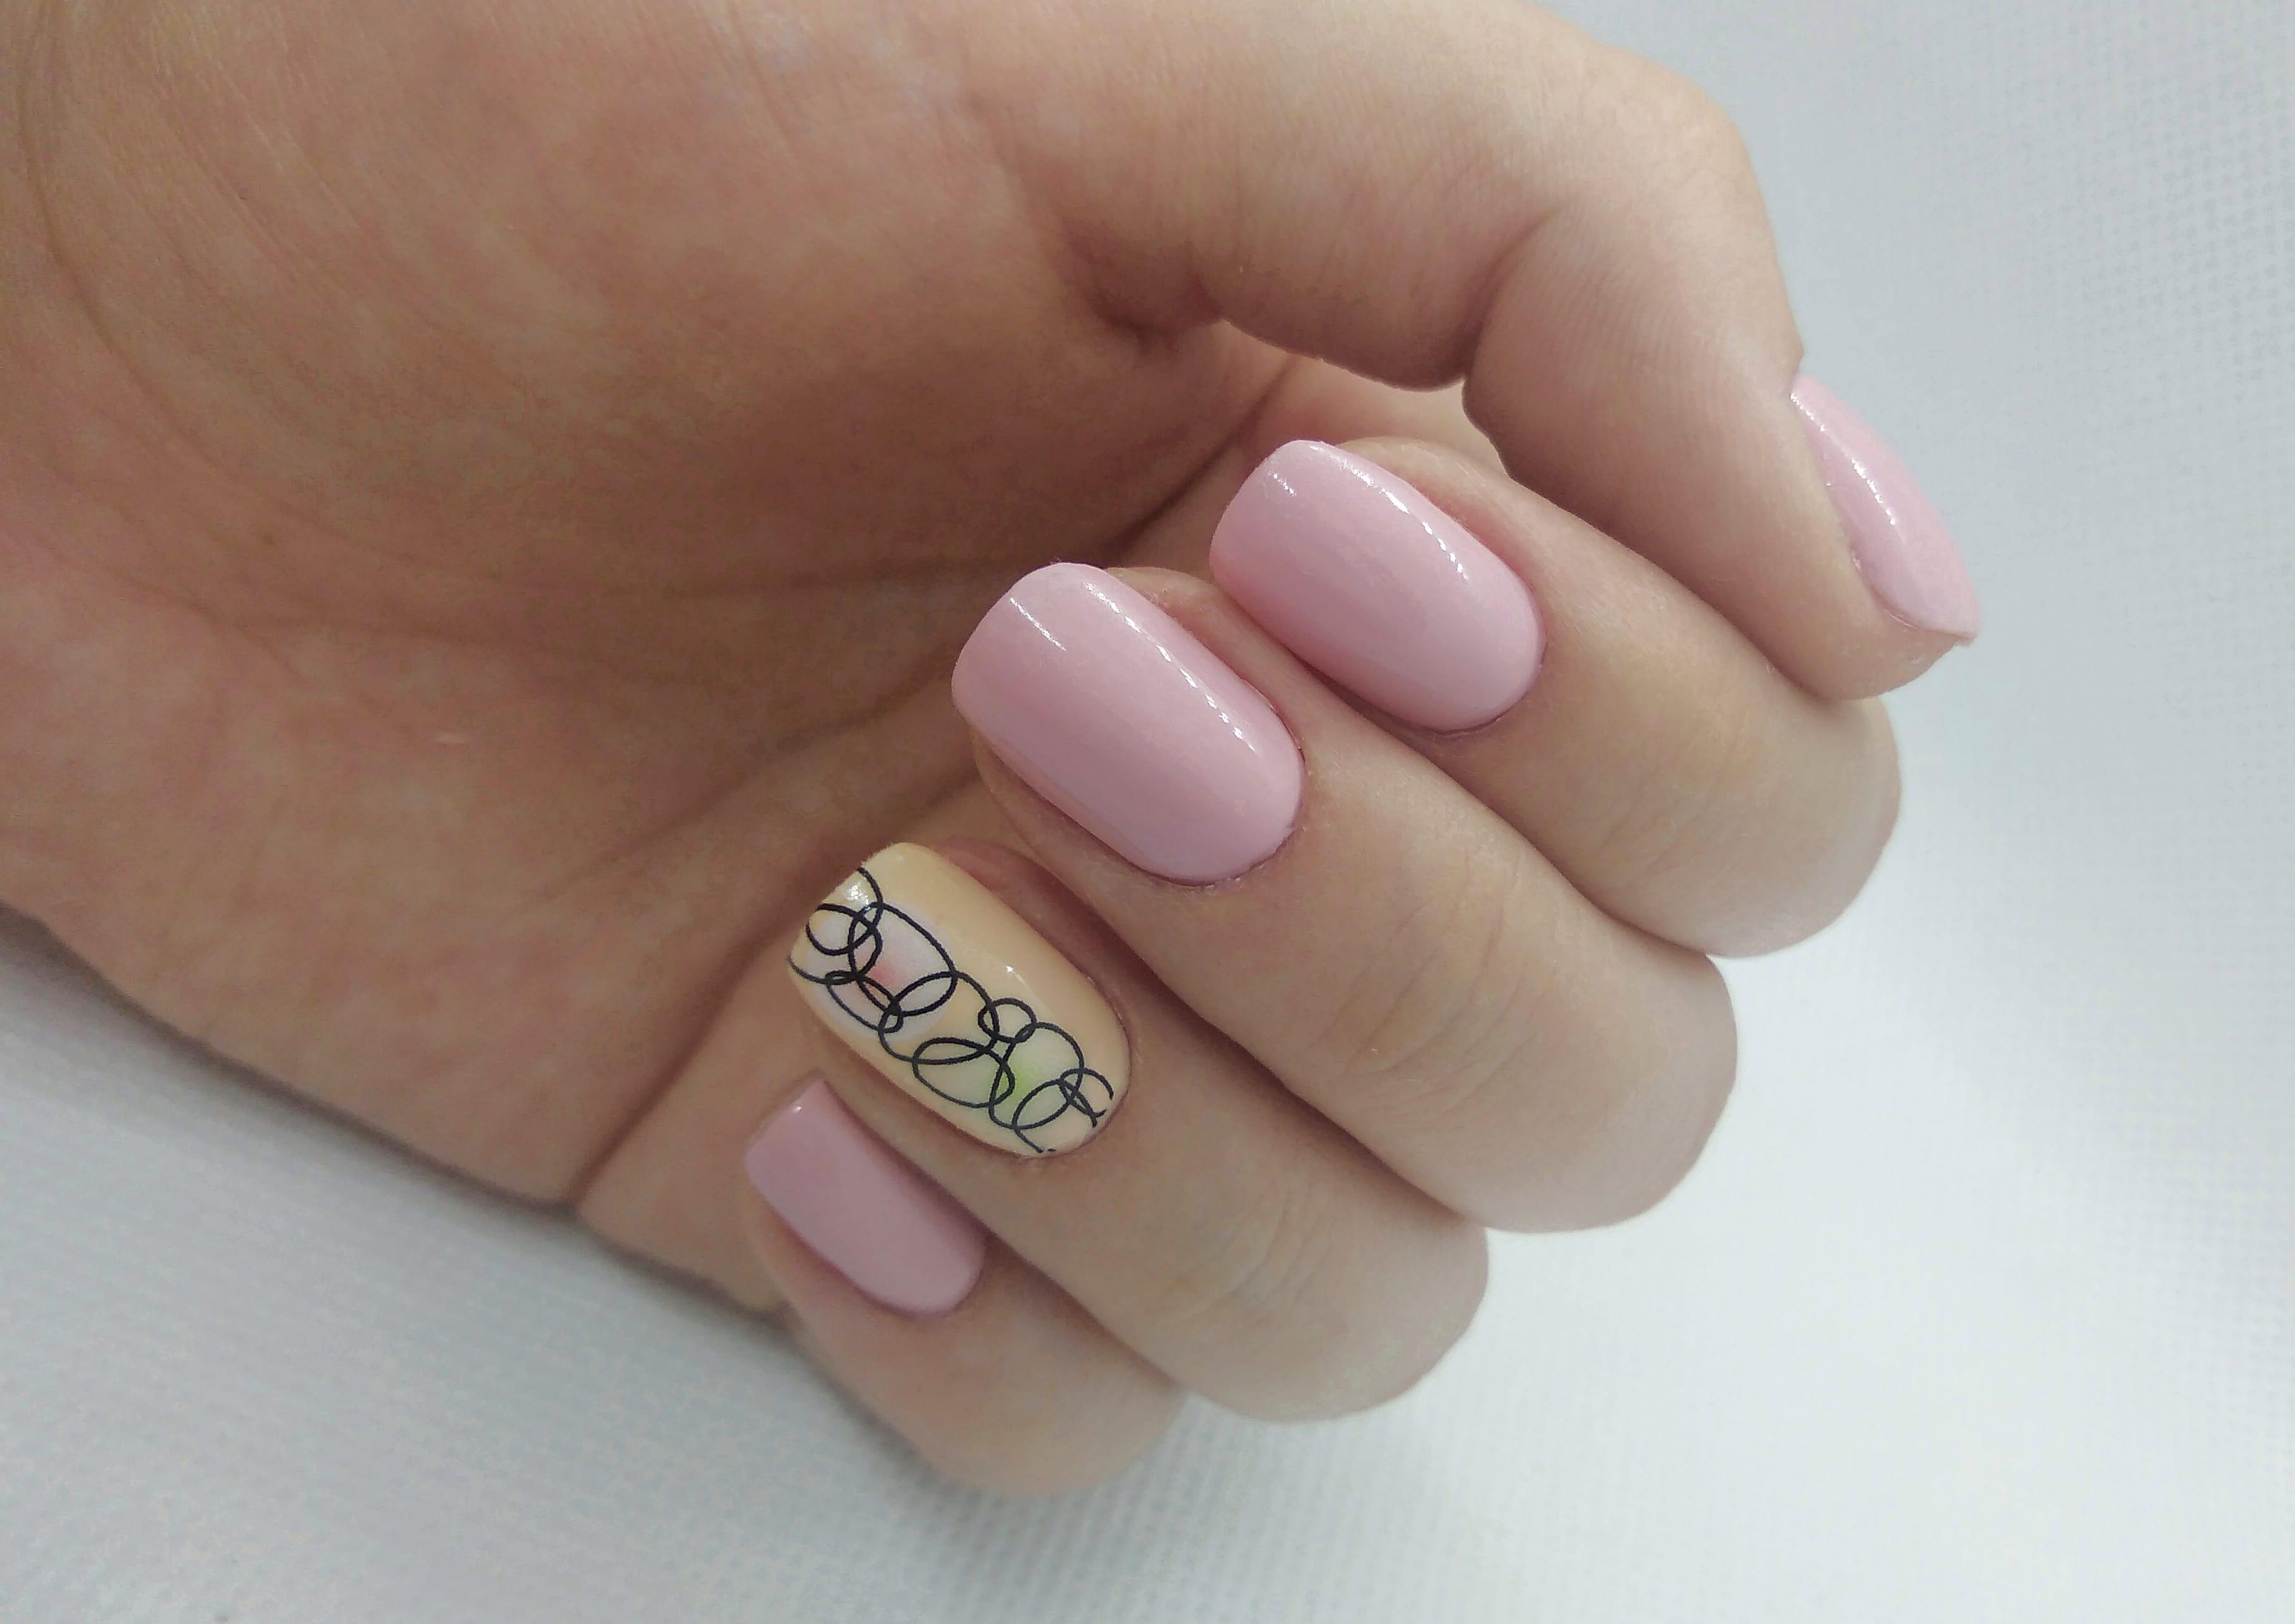 Маникюр с абстрактным слайдером в розовом цвете на короткие ногти.